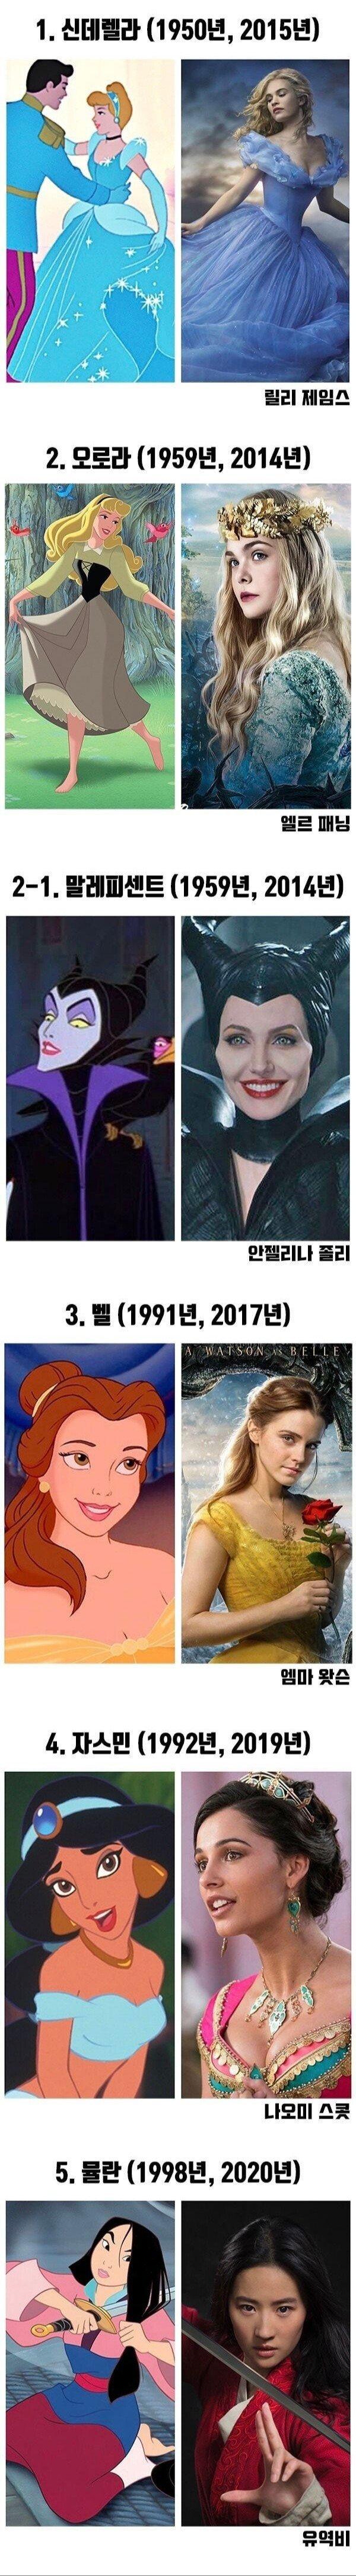 20190713_011104.jpg 역대 디즈니 실사화 모음